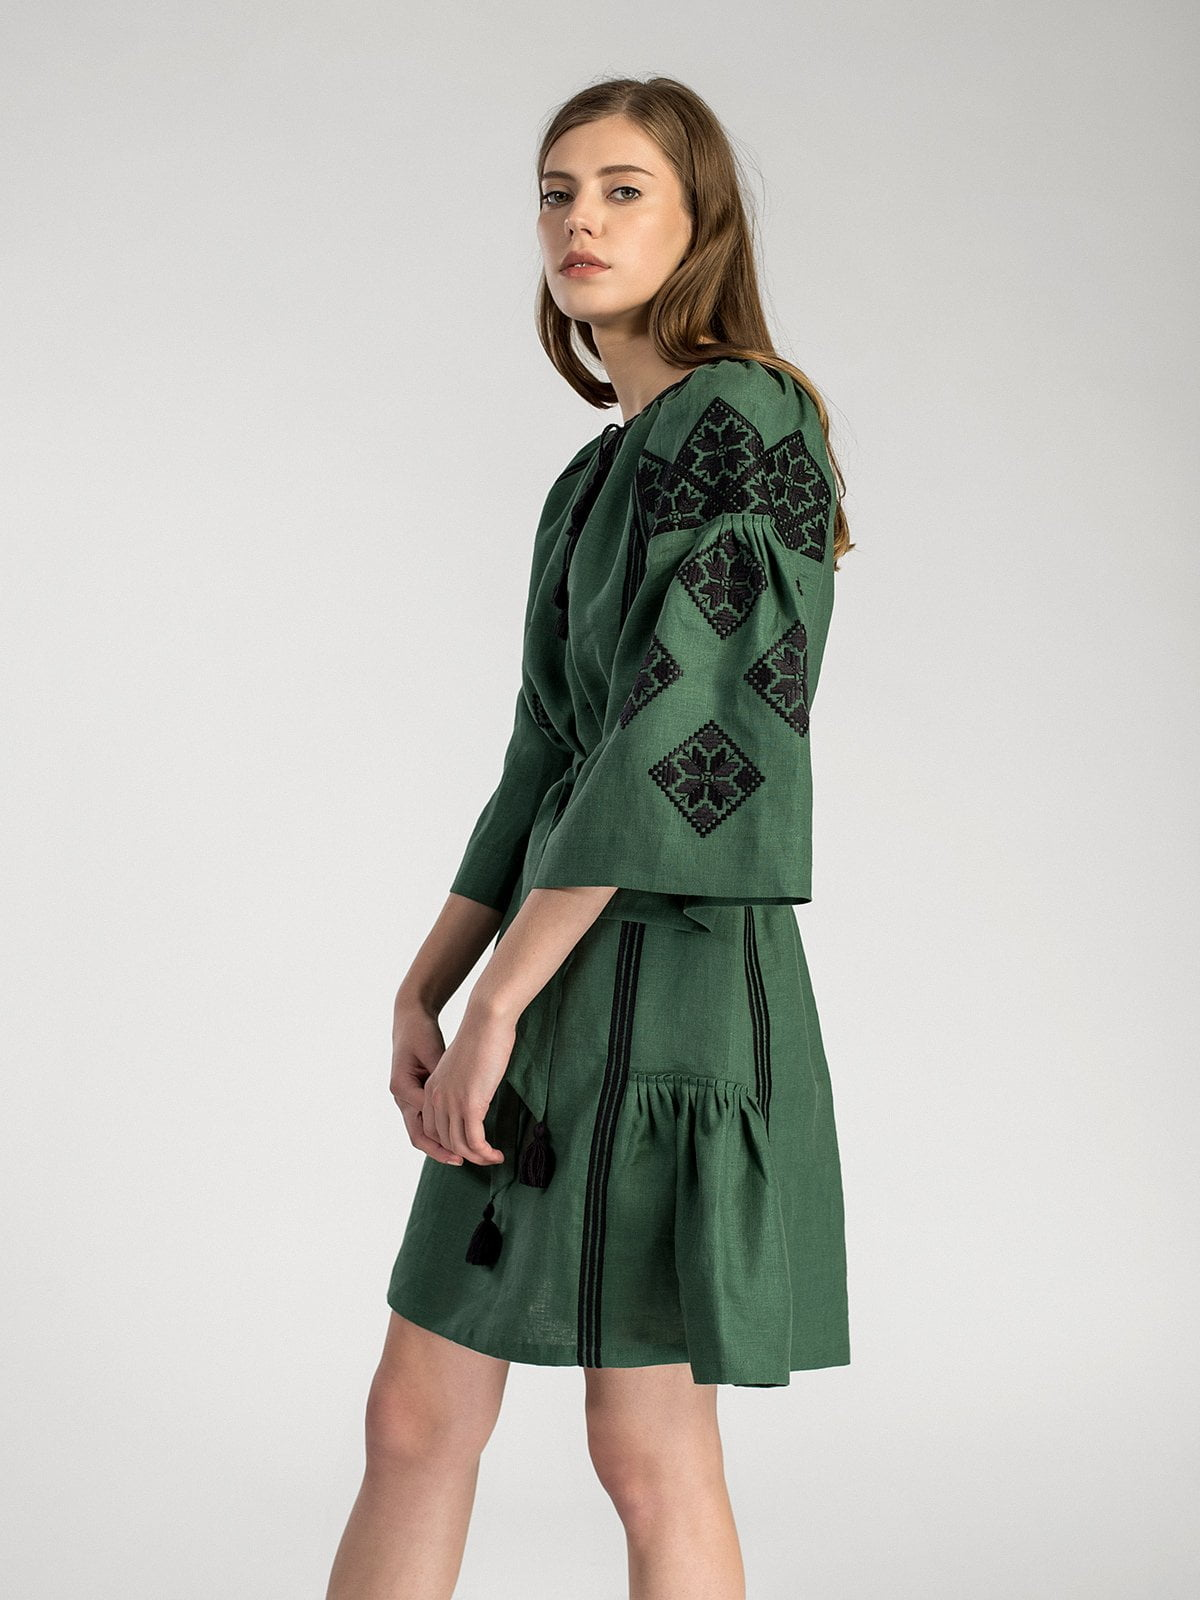 Темно-зелена вишита сукня з пишними рукавами MD22 Green – купити в ... a2ed2f8c48861